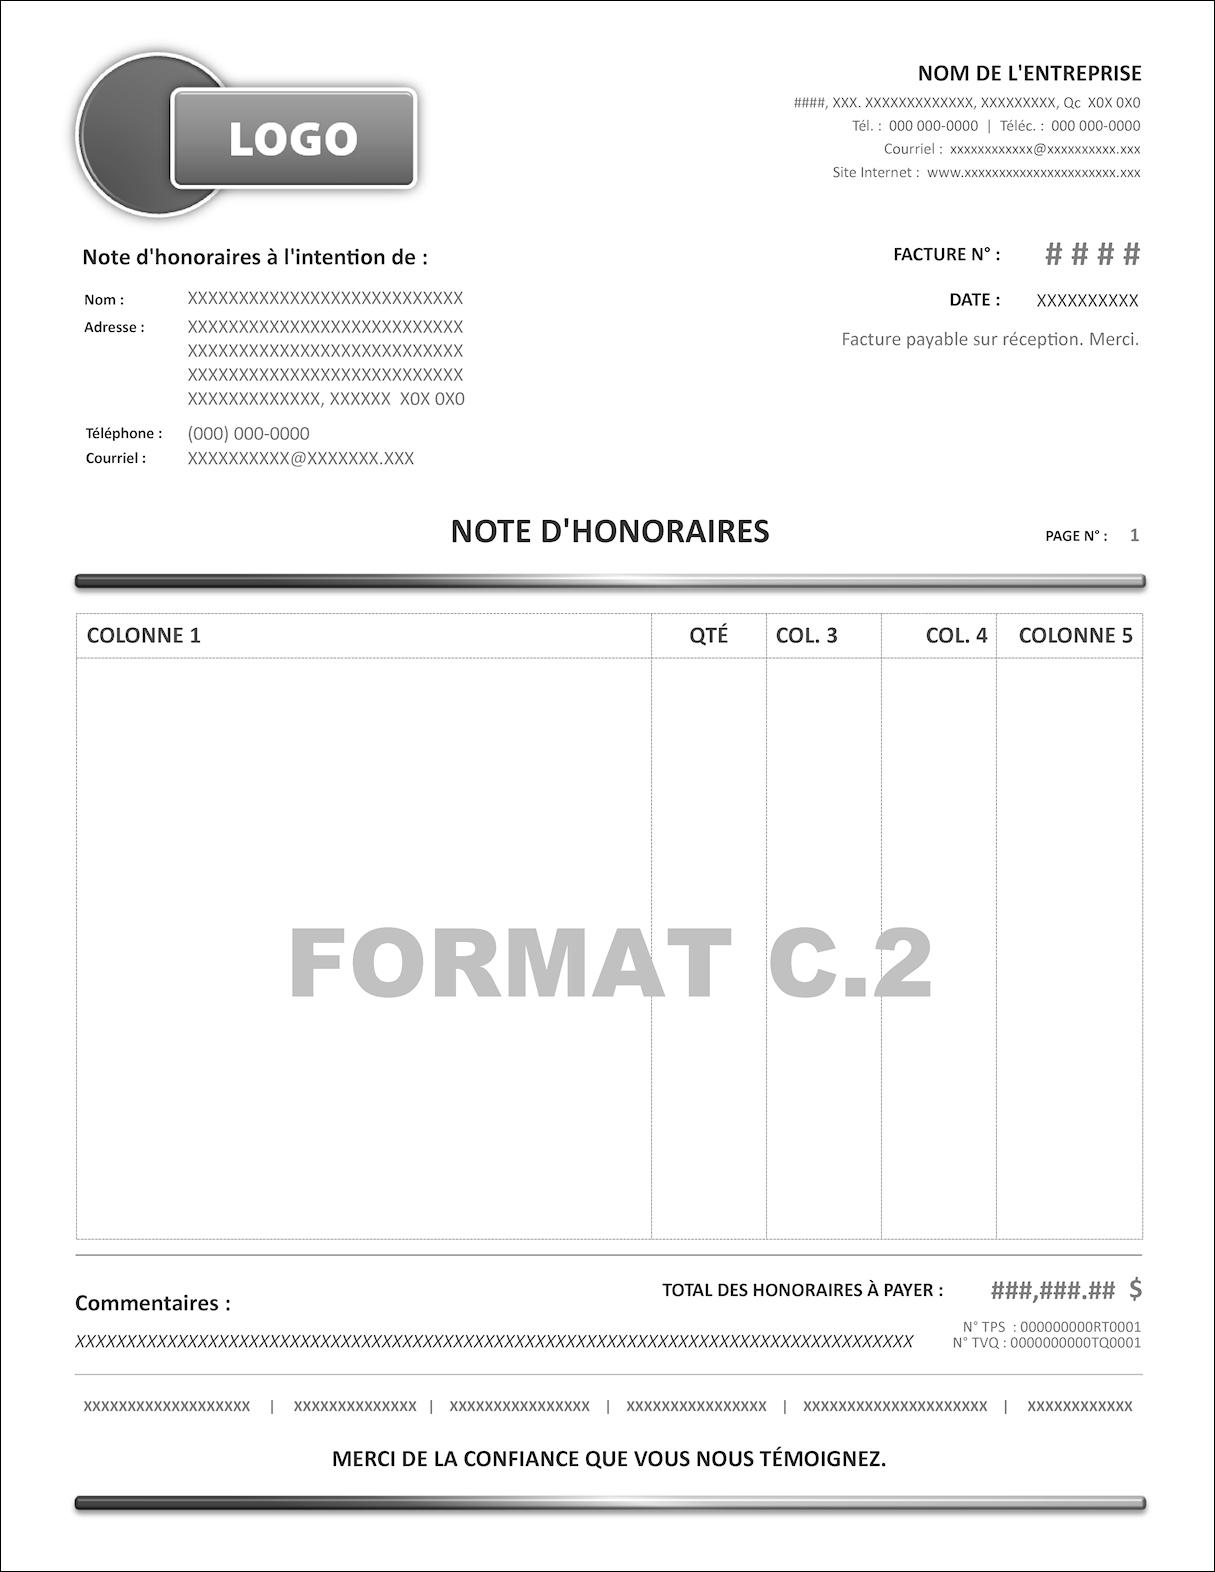 FORMAT C.2